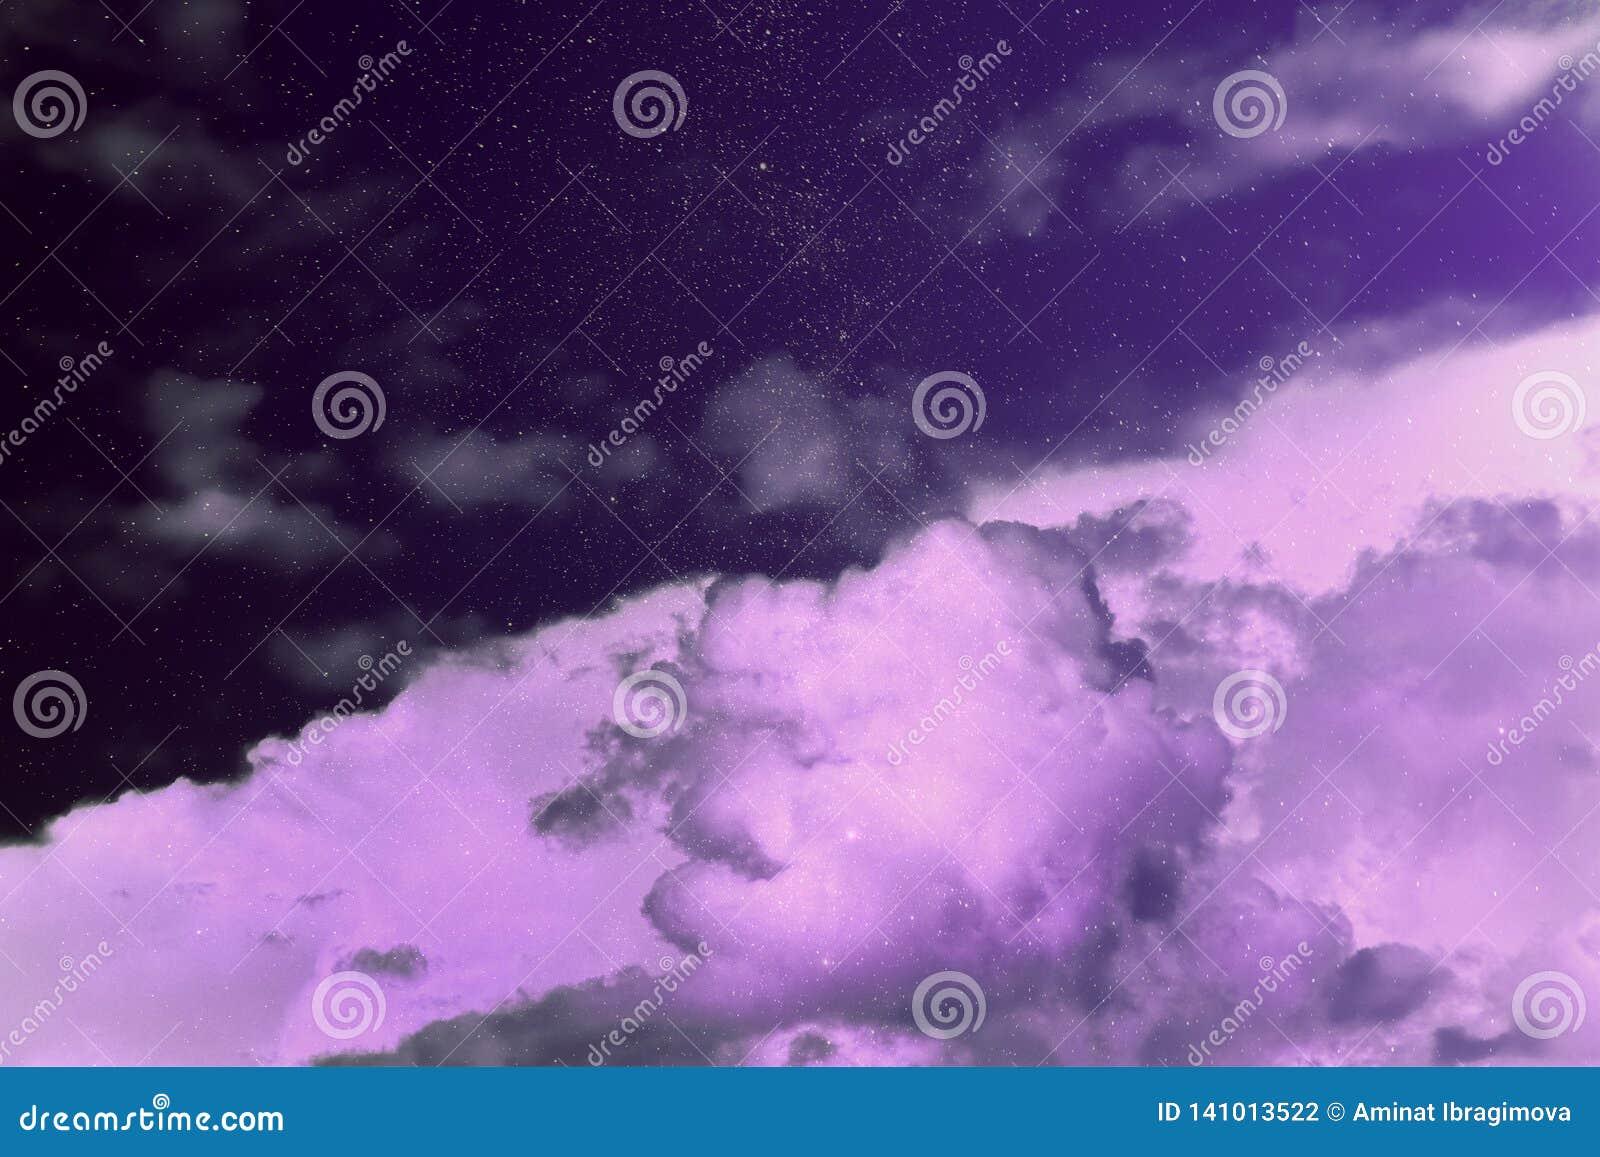 Фиолетовое волшебное небо сновидение чудеса Звёздные облака неба рай